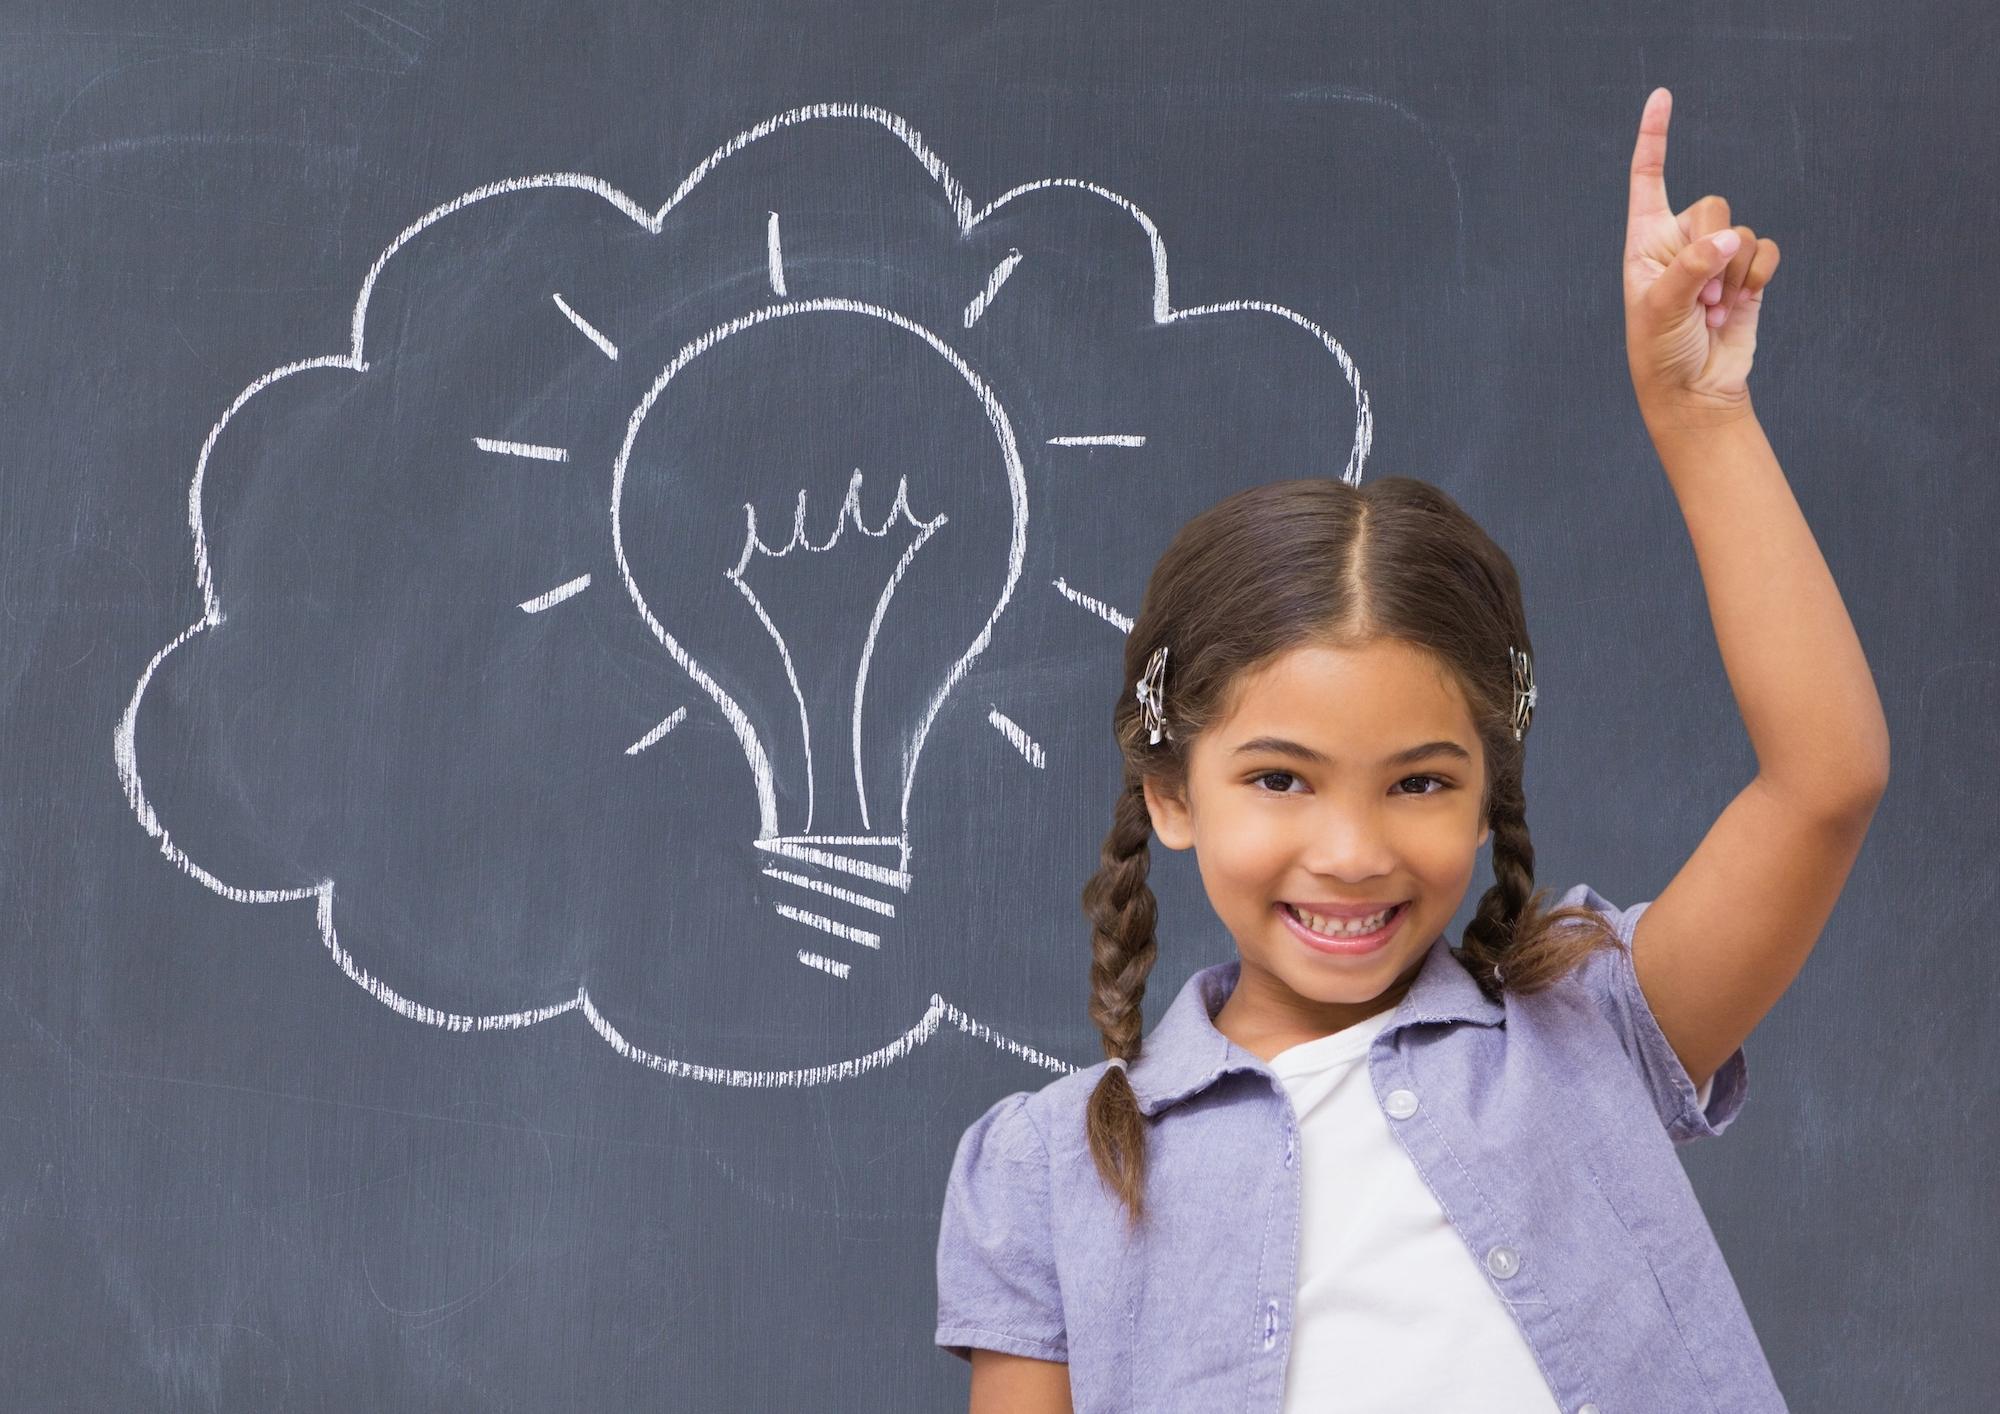 Schoolgirl raising her hand in front of a blackboard